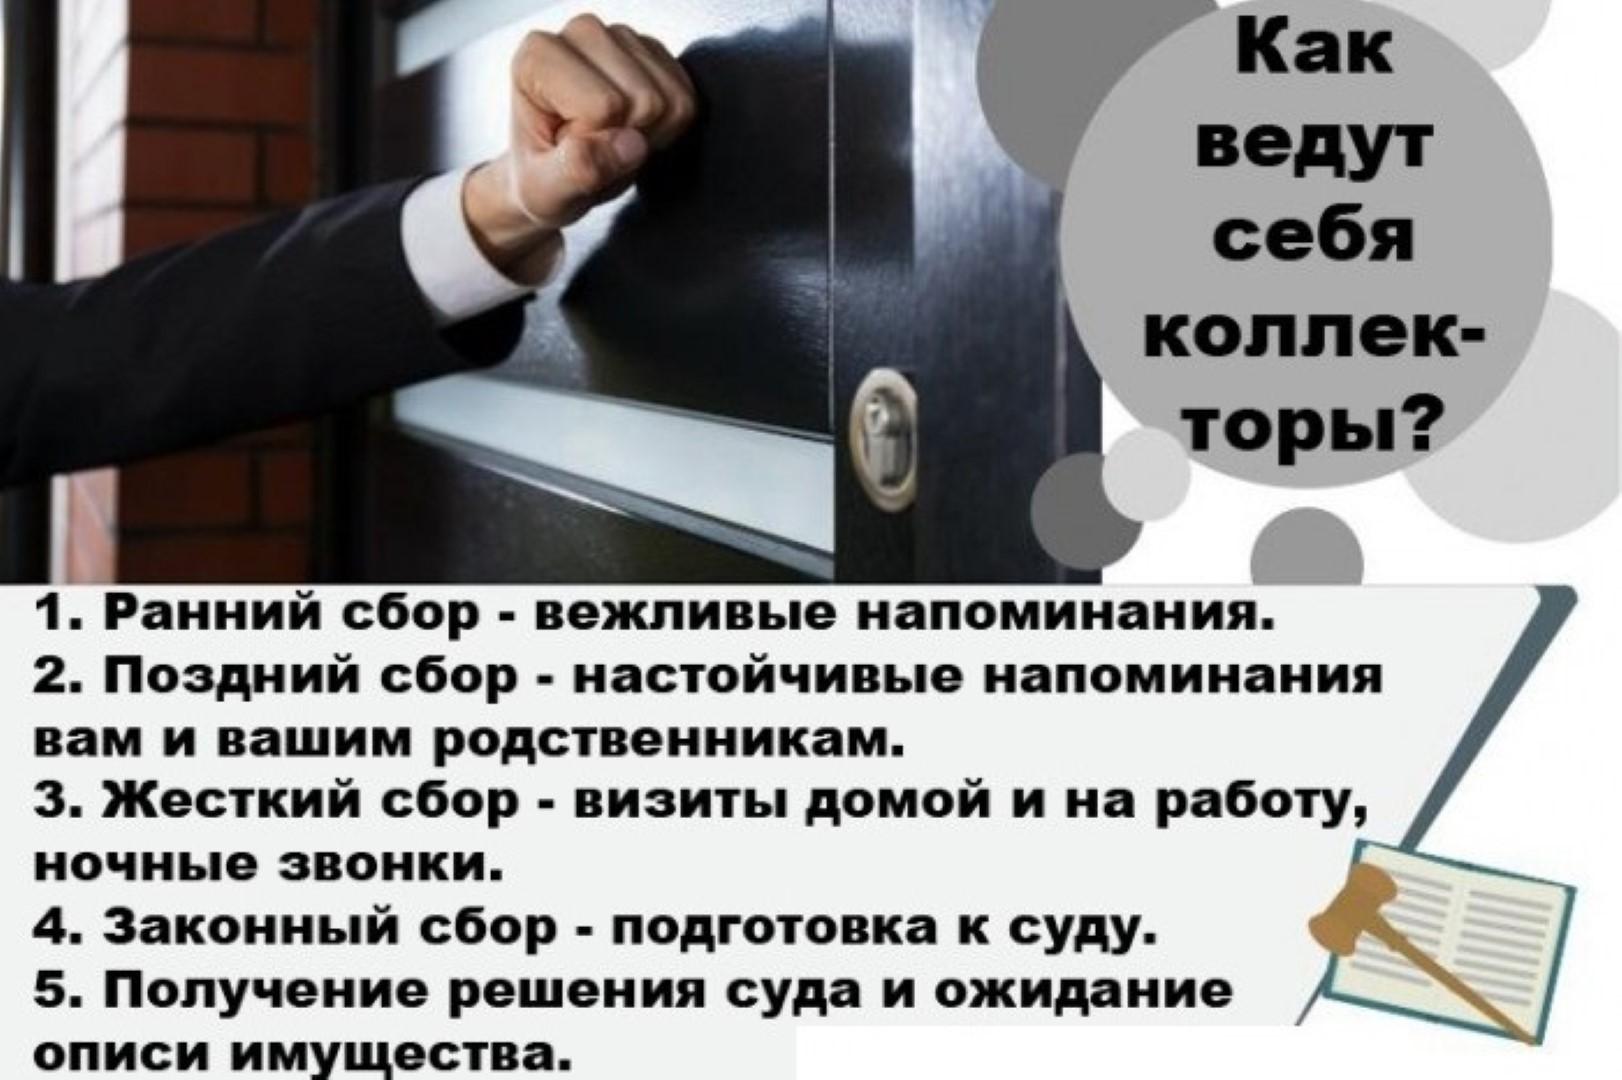 Изображение - Что коллекторы не могут делать при работе с должниками Povedenie-kollektorov